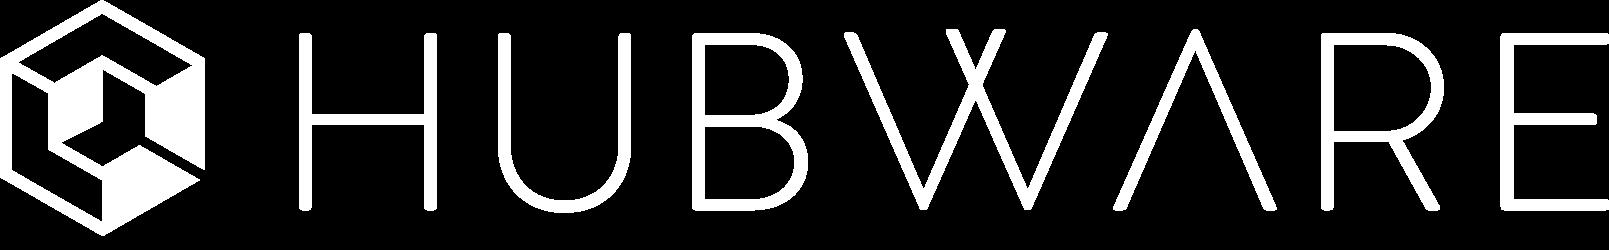 hubware AG's Company logo